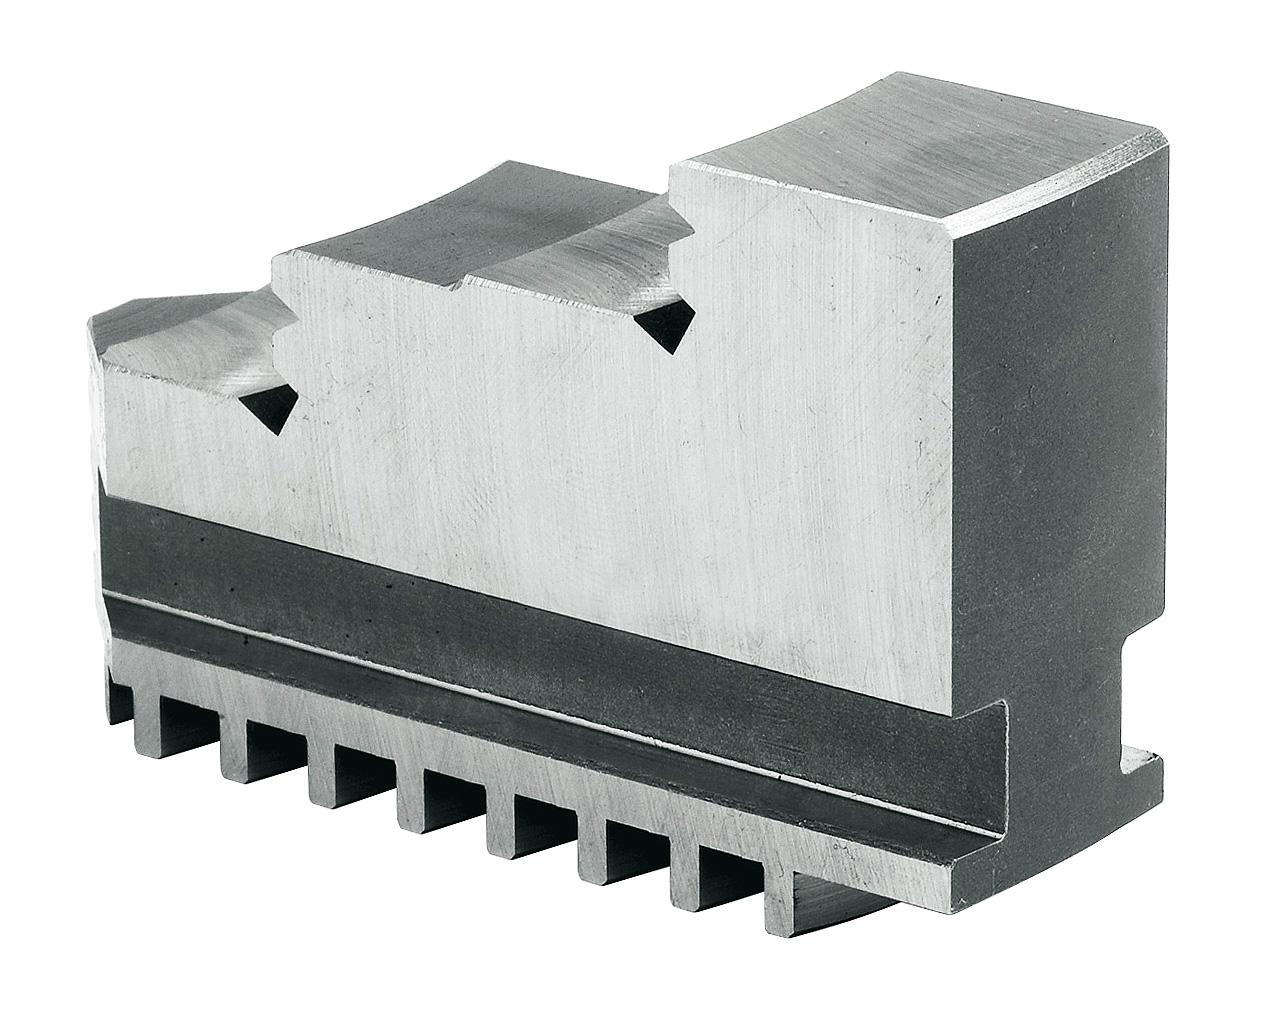 Szczęki jednolite twarde wewnętrzne - komplet IJ-PS4-160 BERNARDO